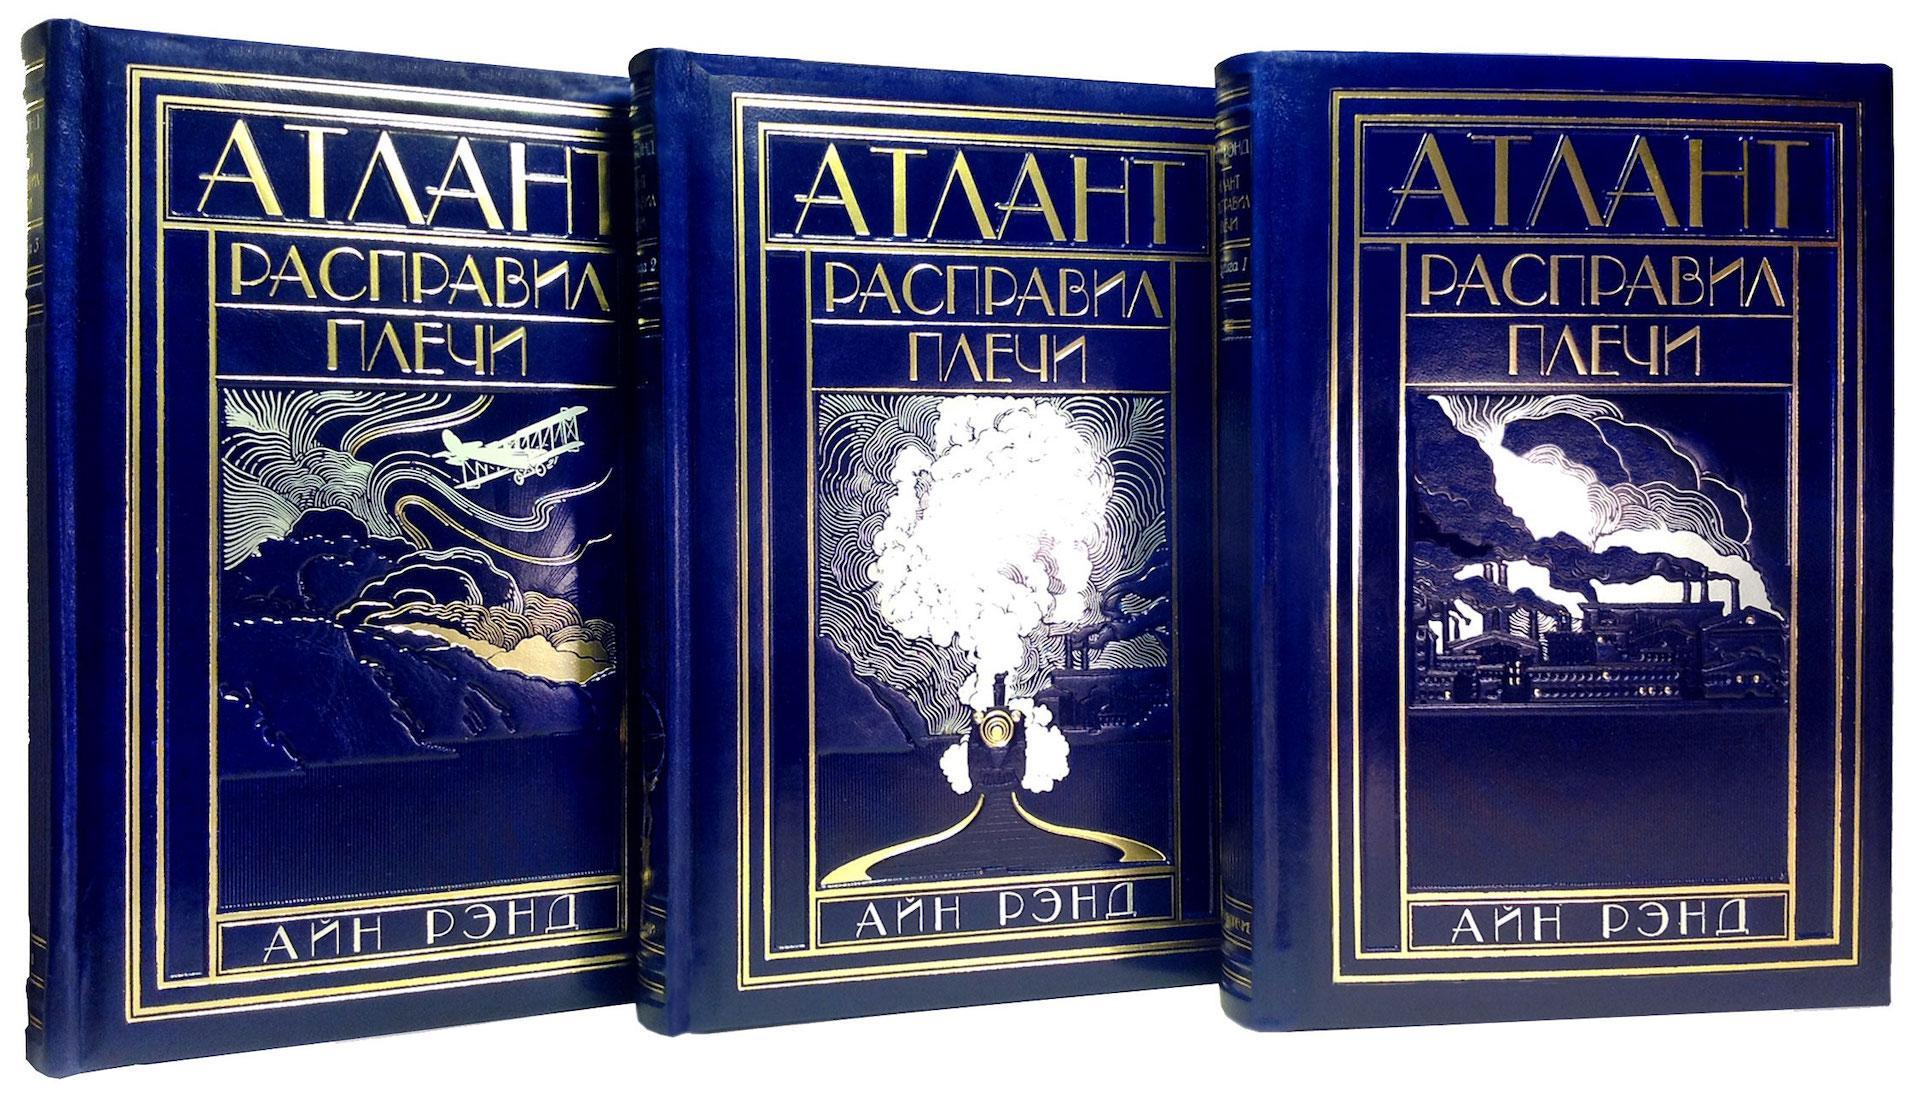 Атлант расправил плечи 1 2 и 3 части Айн Рэнд | Аудио книга полностью!